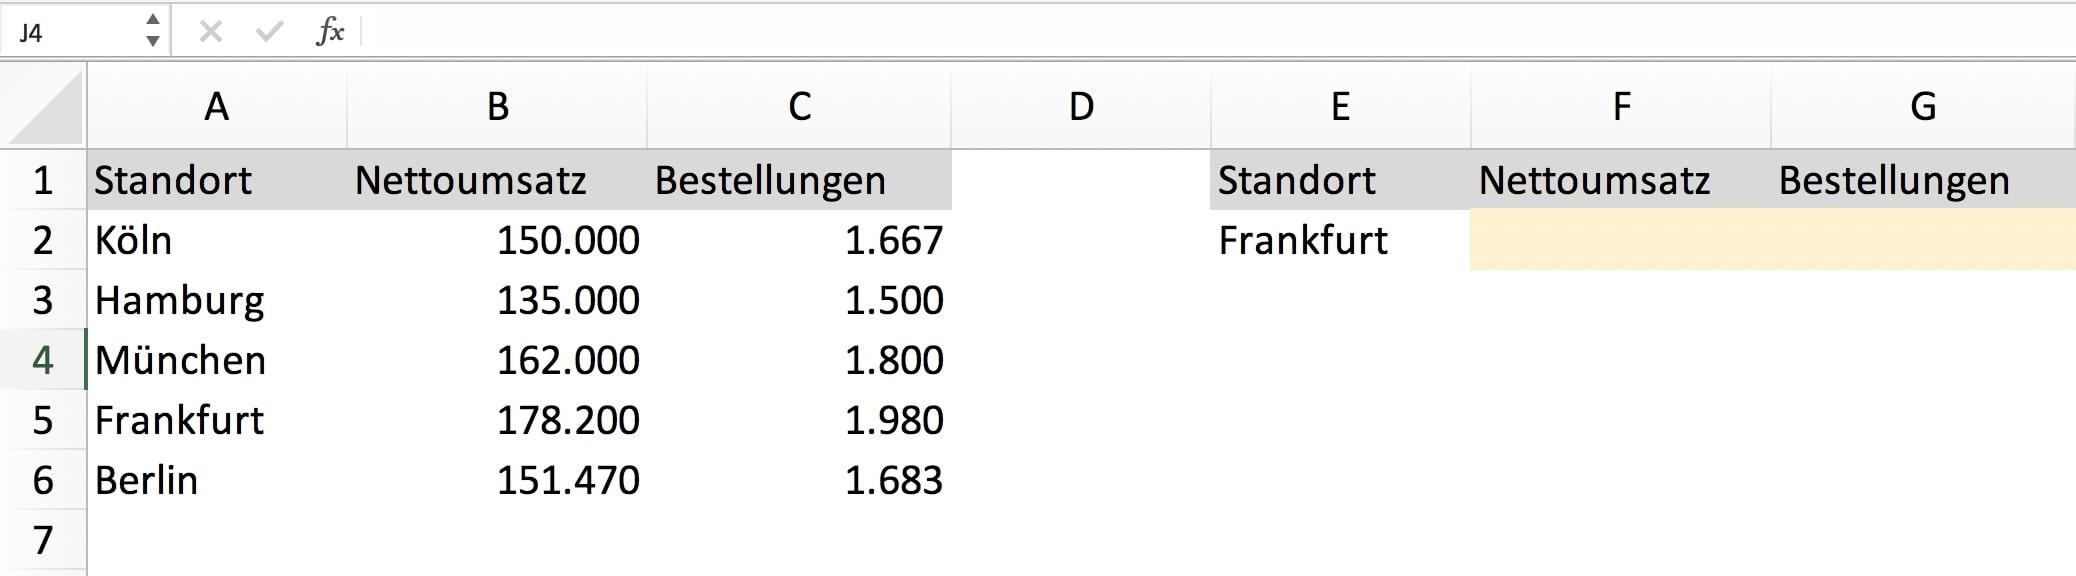 SVERWEIS Excel Beispiel Aufgabe